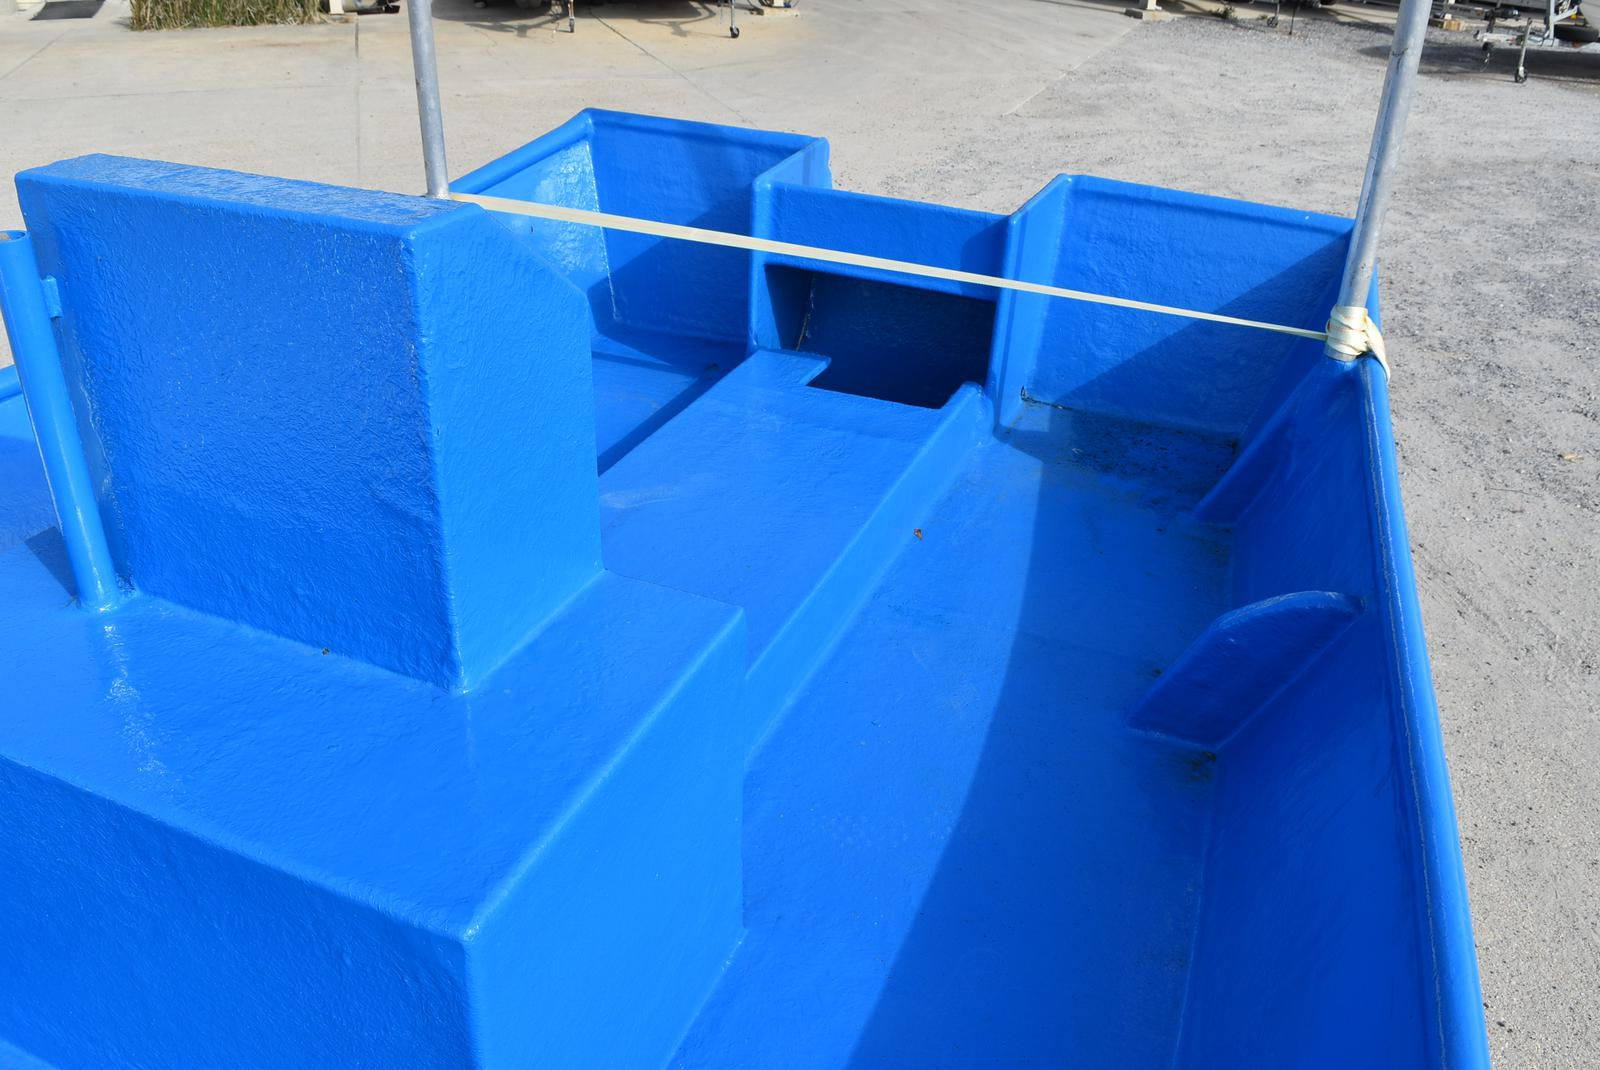 1998 Terrebonne boat for sale, model of the boat is Terrebonne Skiff 22 & Image # 4 of 14